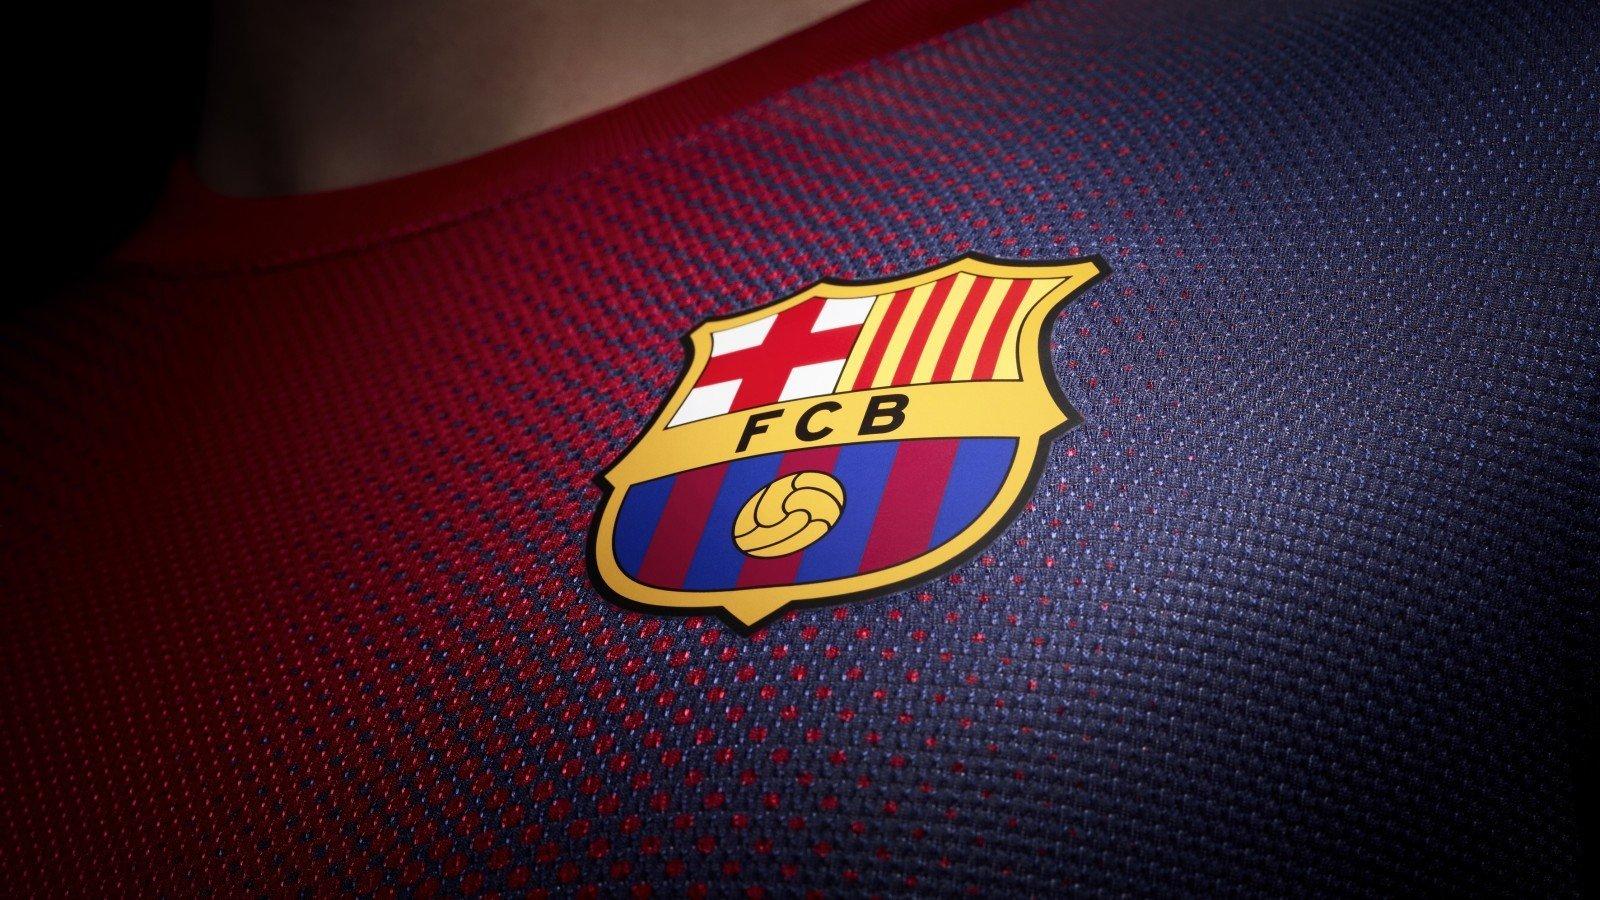 Wallpaper Px FC Barcelona Wallbase